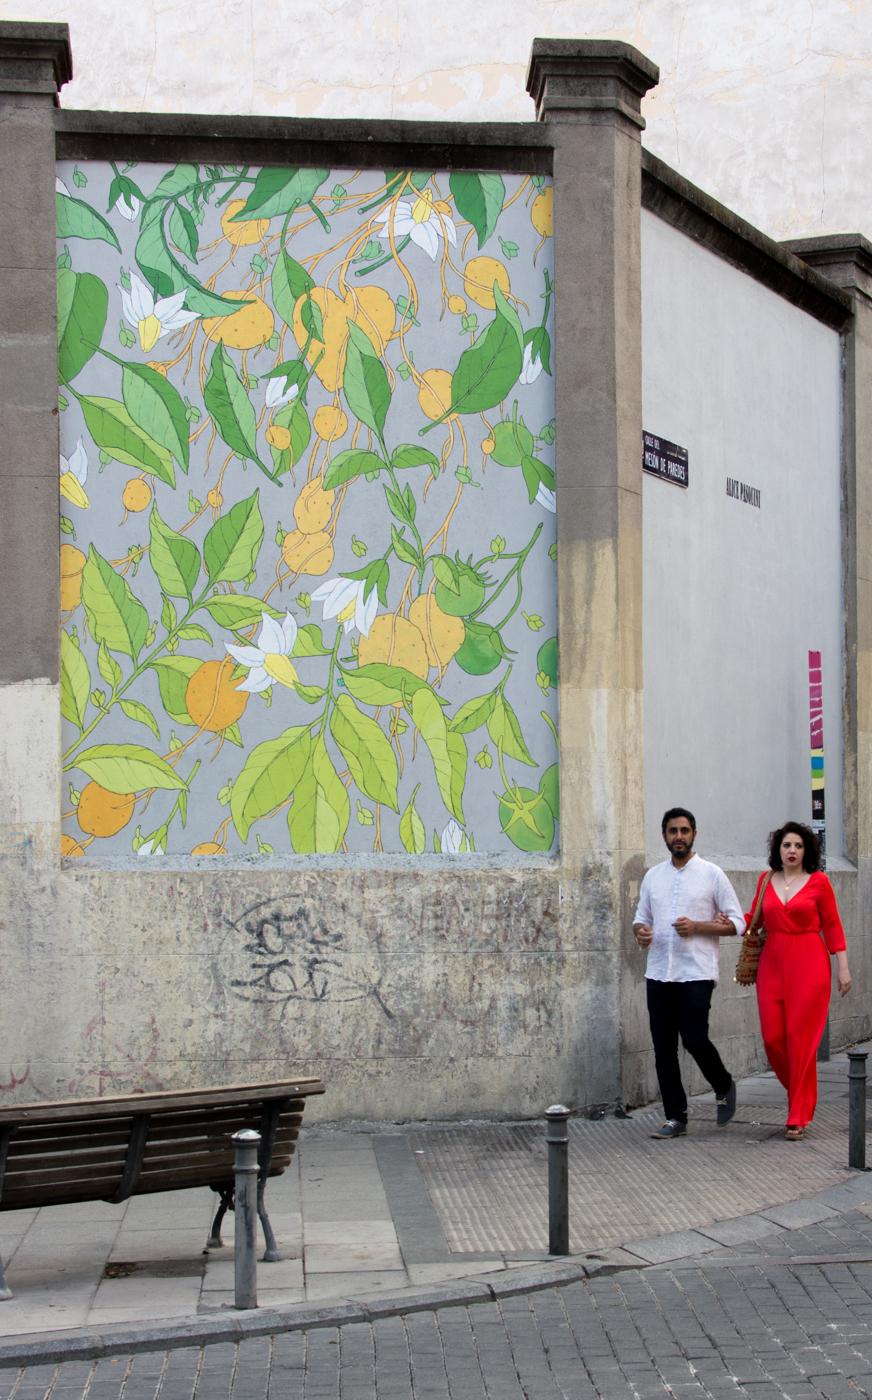 Doa Oa final - MurosTabacalera by Guillermo de la Madrid - Madrid Street Art Project-002.jpg